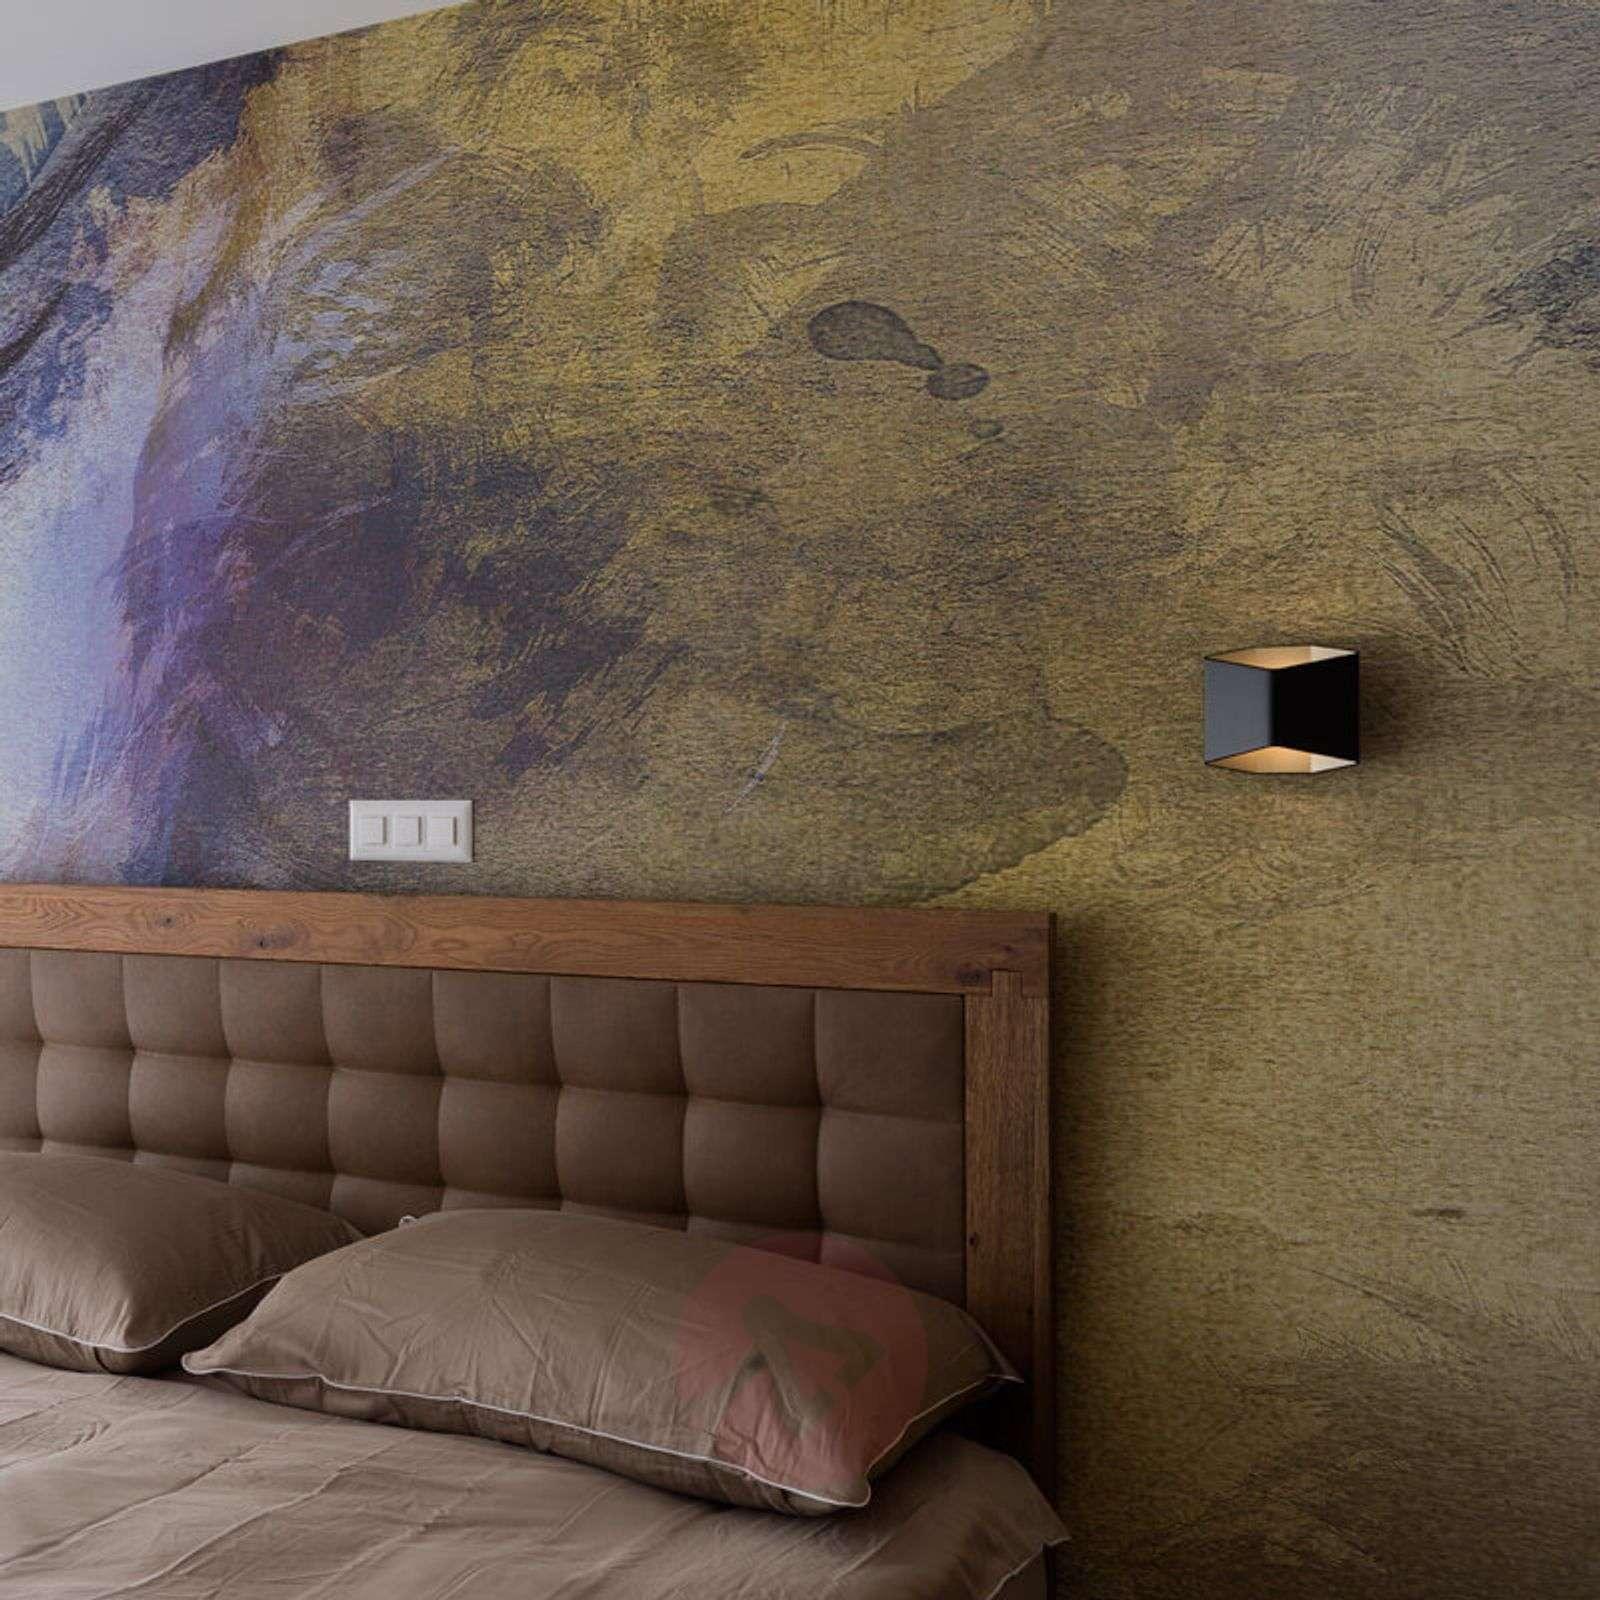 Erikoinen LED-seinävalaisin Cariso-5504757-01